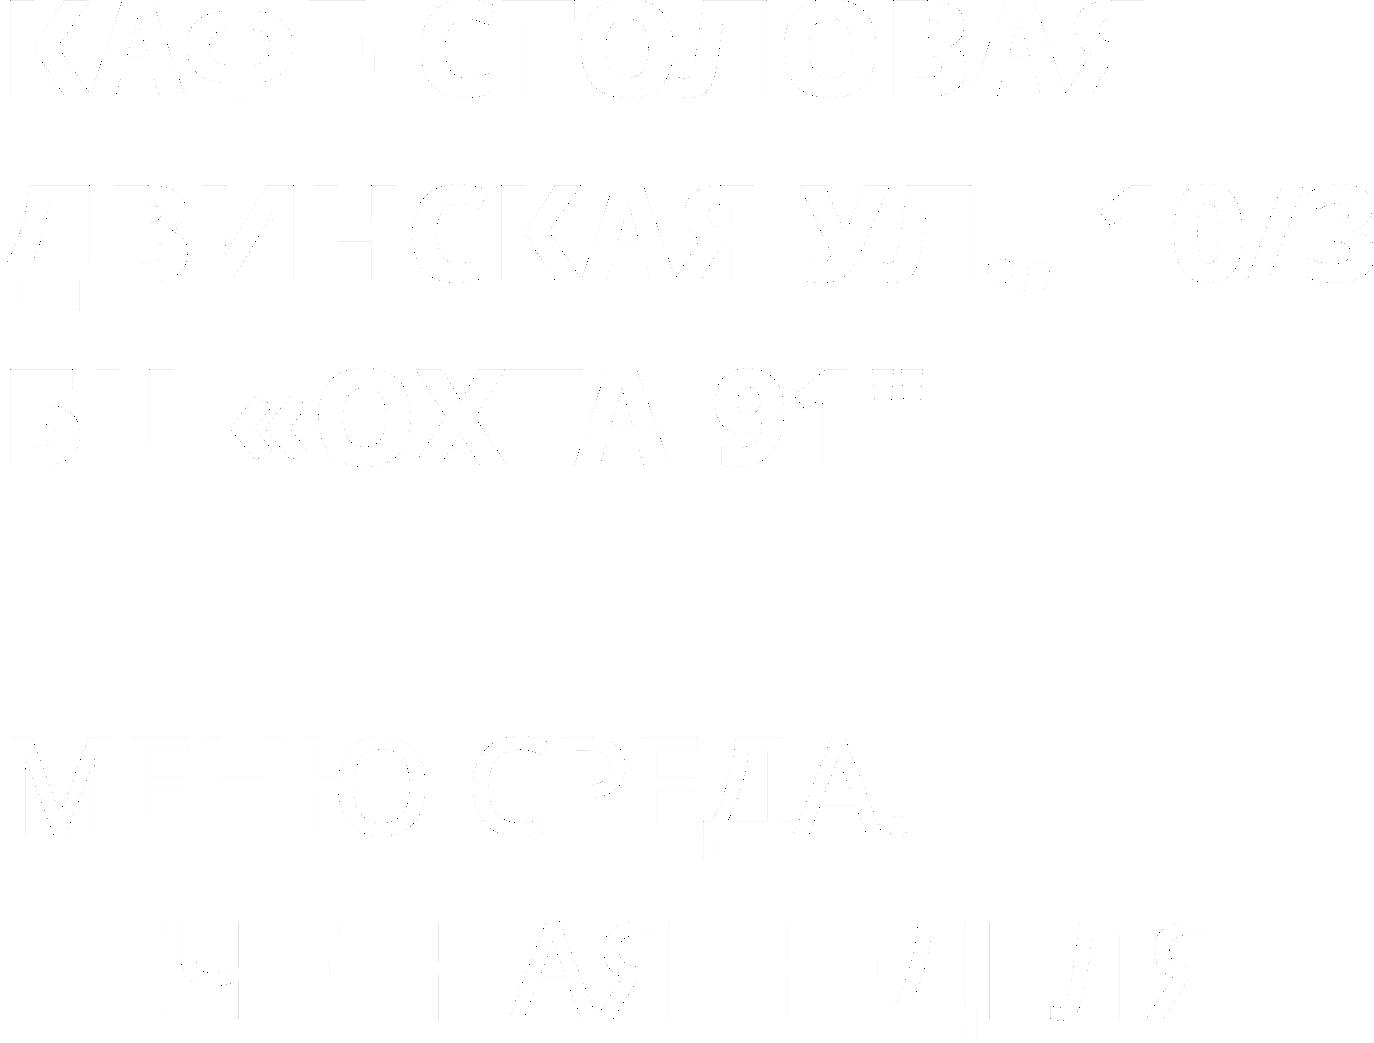 """КАФЕ-СТОЛОВАЯ БЦ """"ОХТА-91"""" Двинская ул., 10/3 МЕНЮ СРЕДА. НЕЧЕТНАЯ НЕДЕЛЯ"""